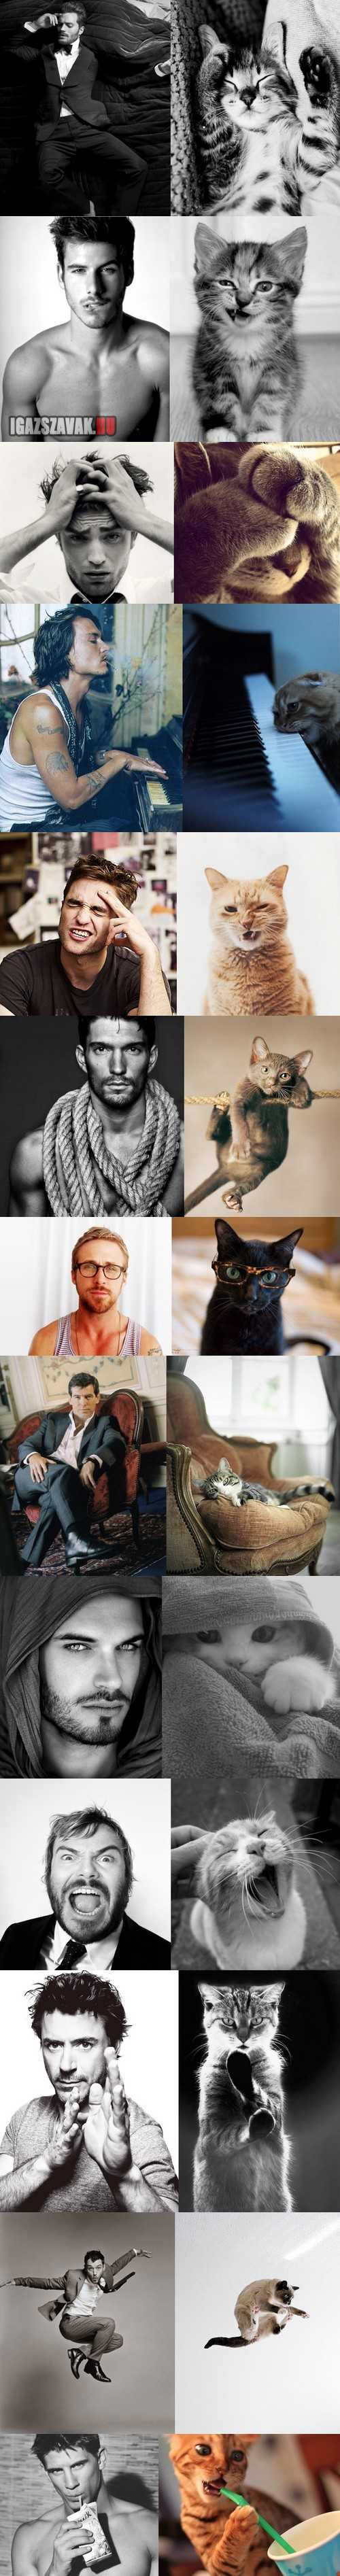 elképesztő hasonlóság pasik vs macskák